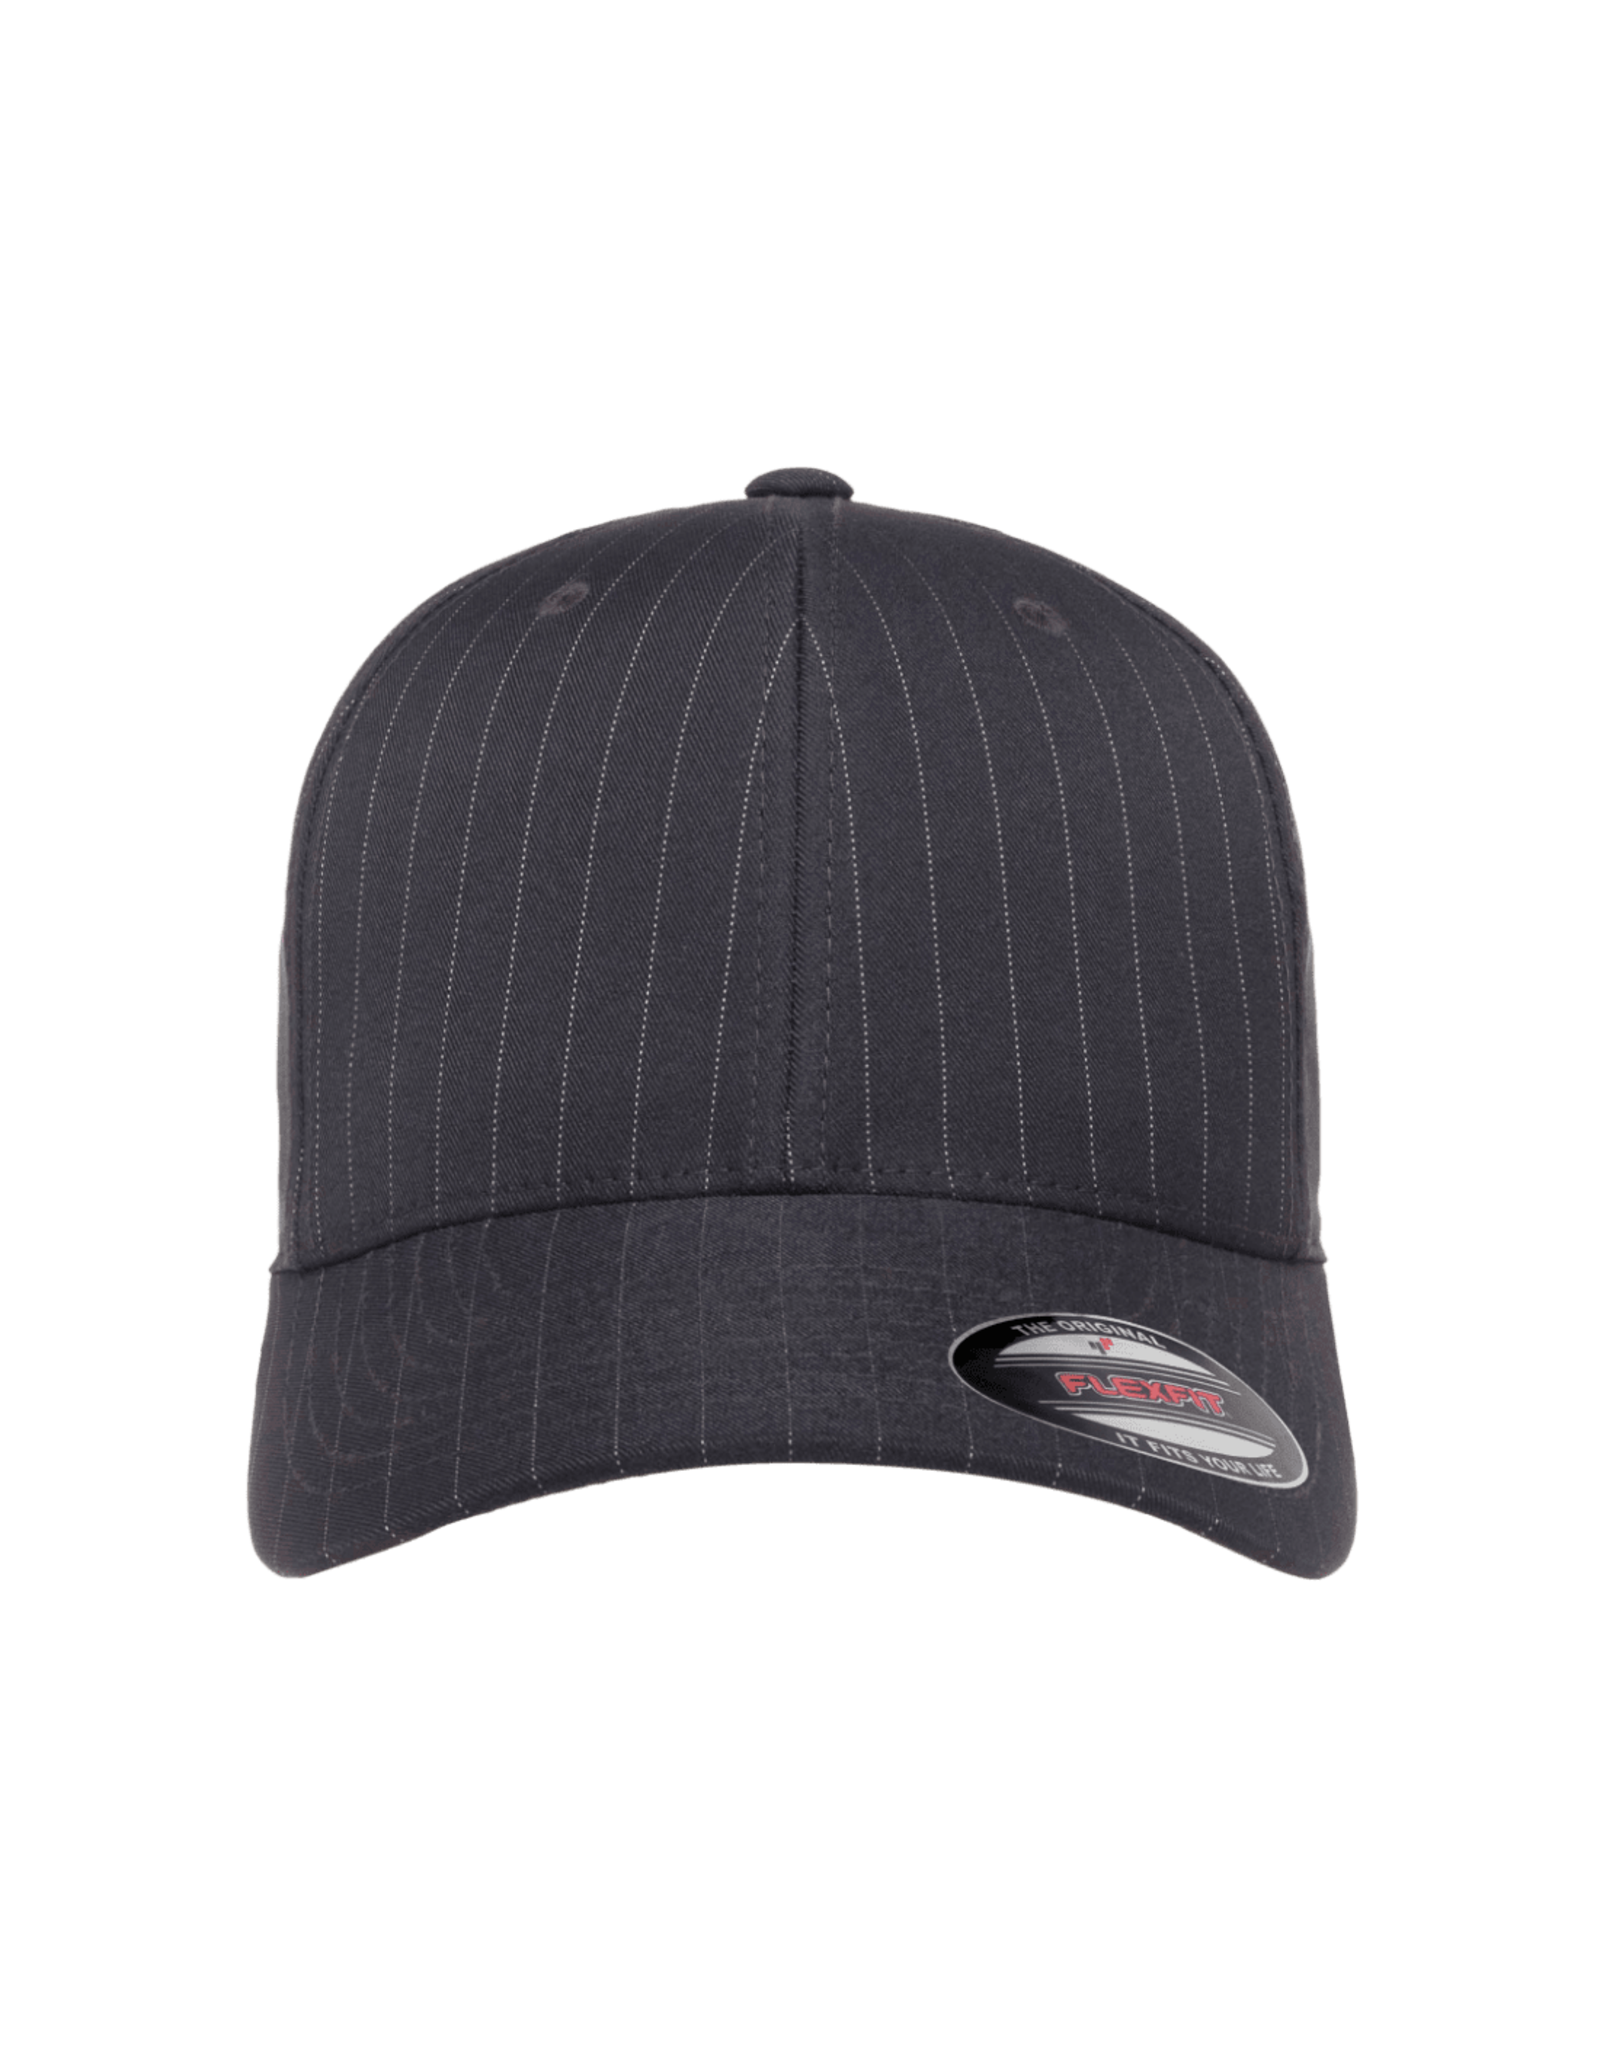 Flexfit Flexfit 6195P Pinstripe Cap - 3 Colors